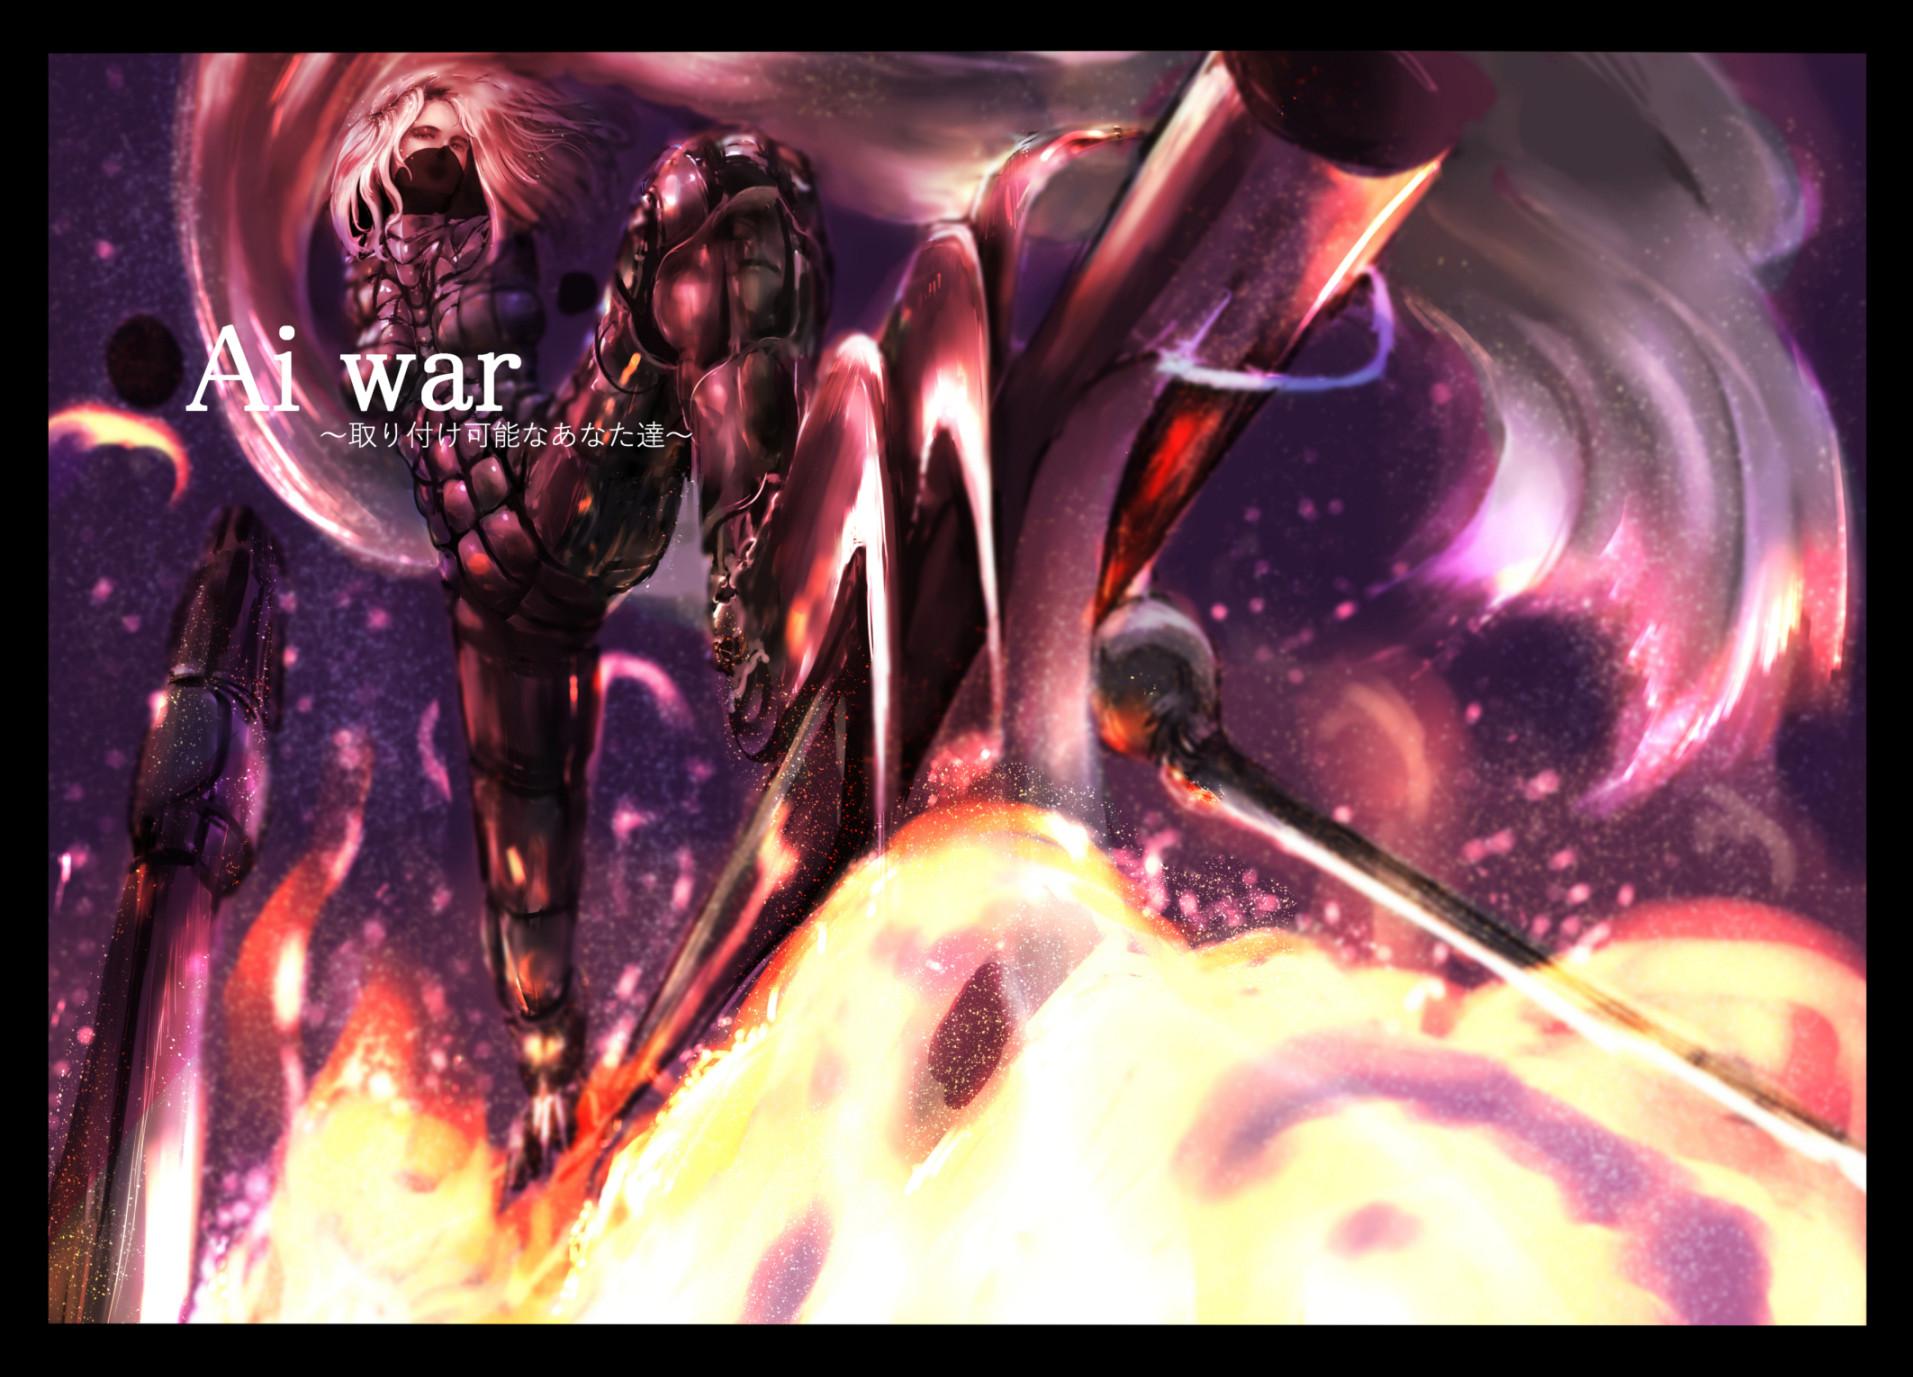 Ai War artstation - ai war manga , tukushi aniki